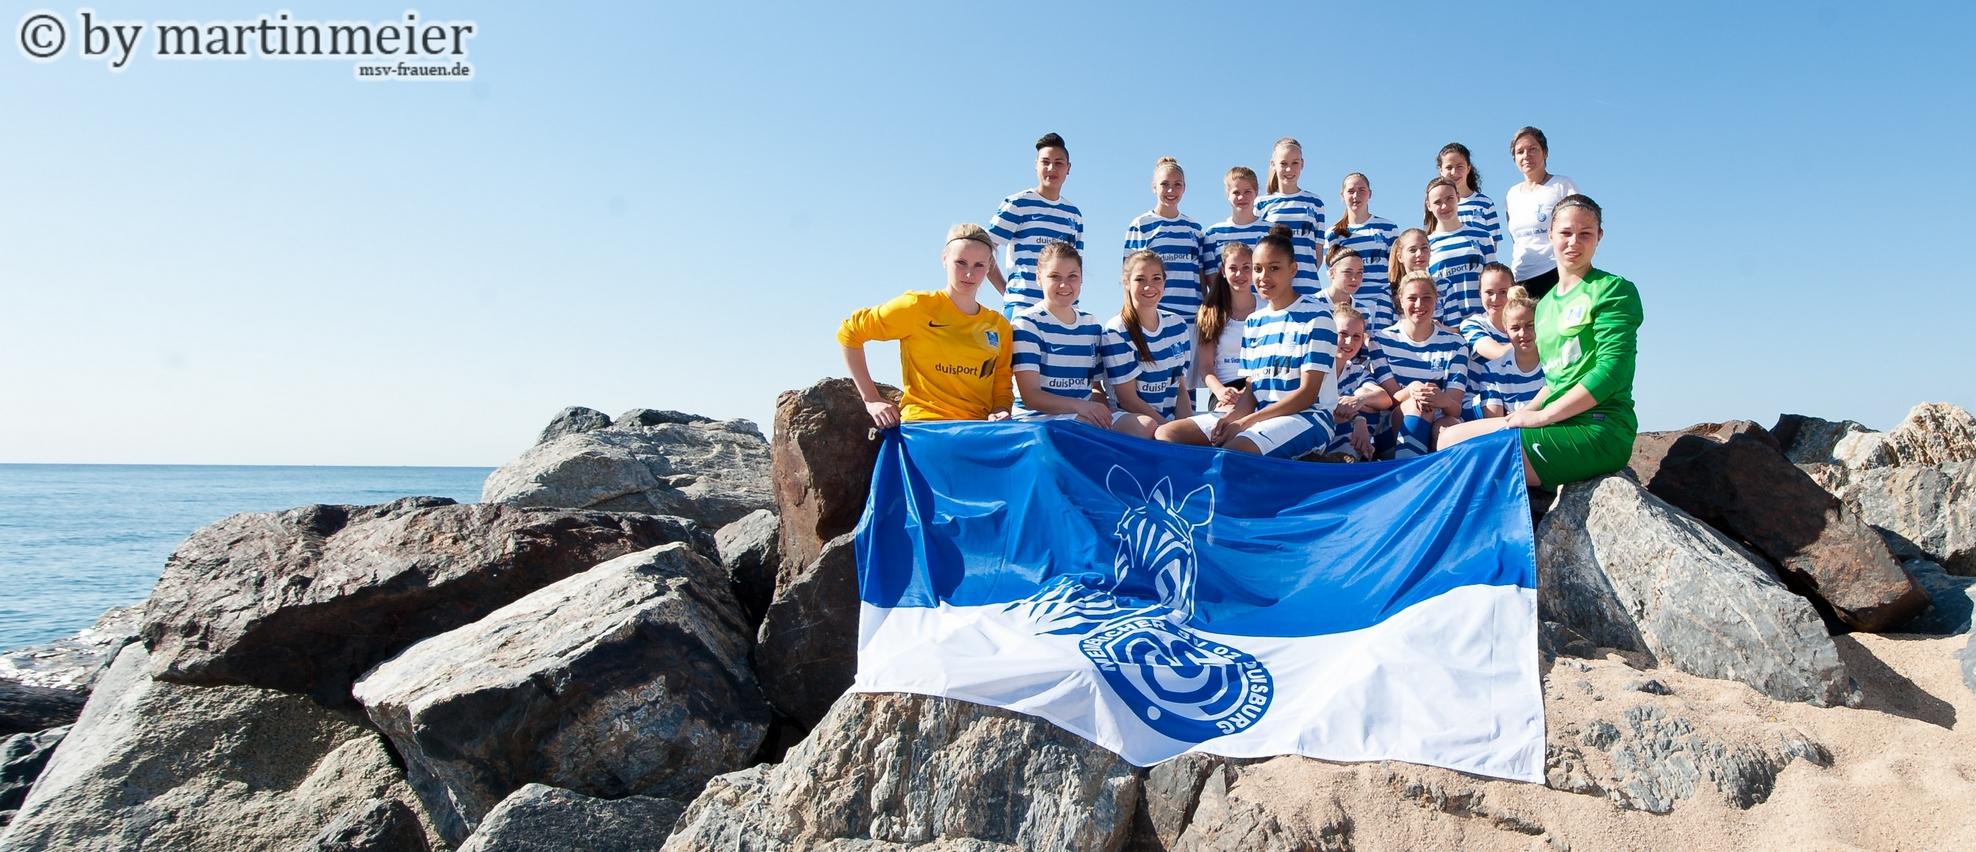 Aloha! Die U17 Mädchen des MSV Duisburg bei der Trofeo Mediterráneo 2014 an der katalanischen Mittelmeerküste